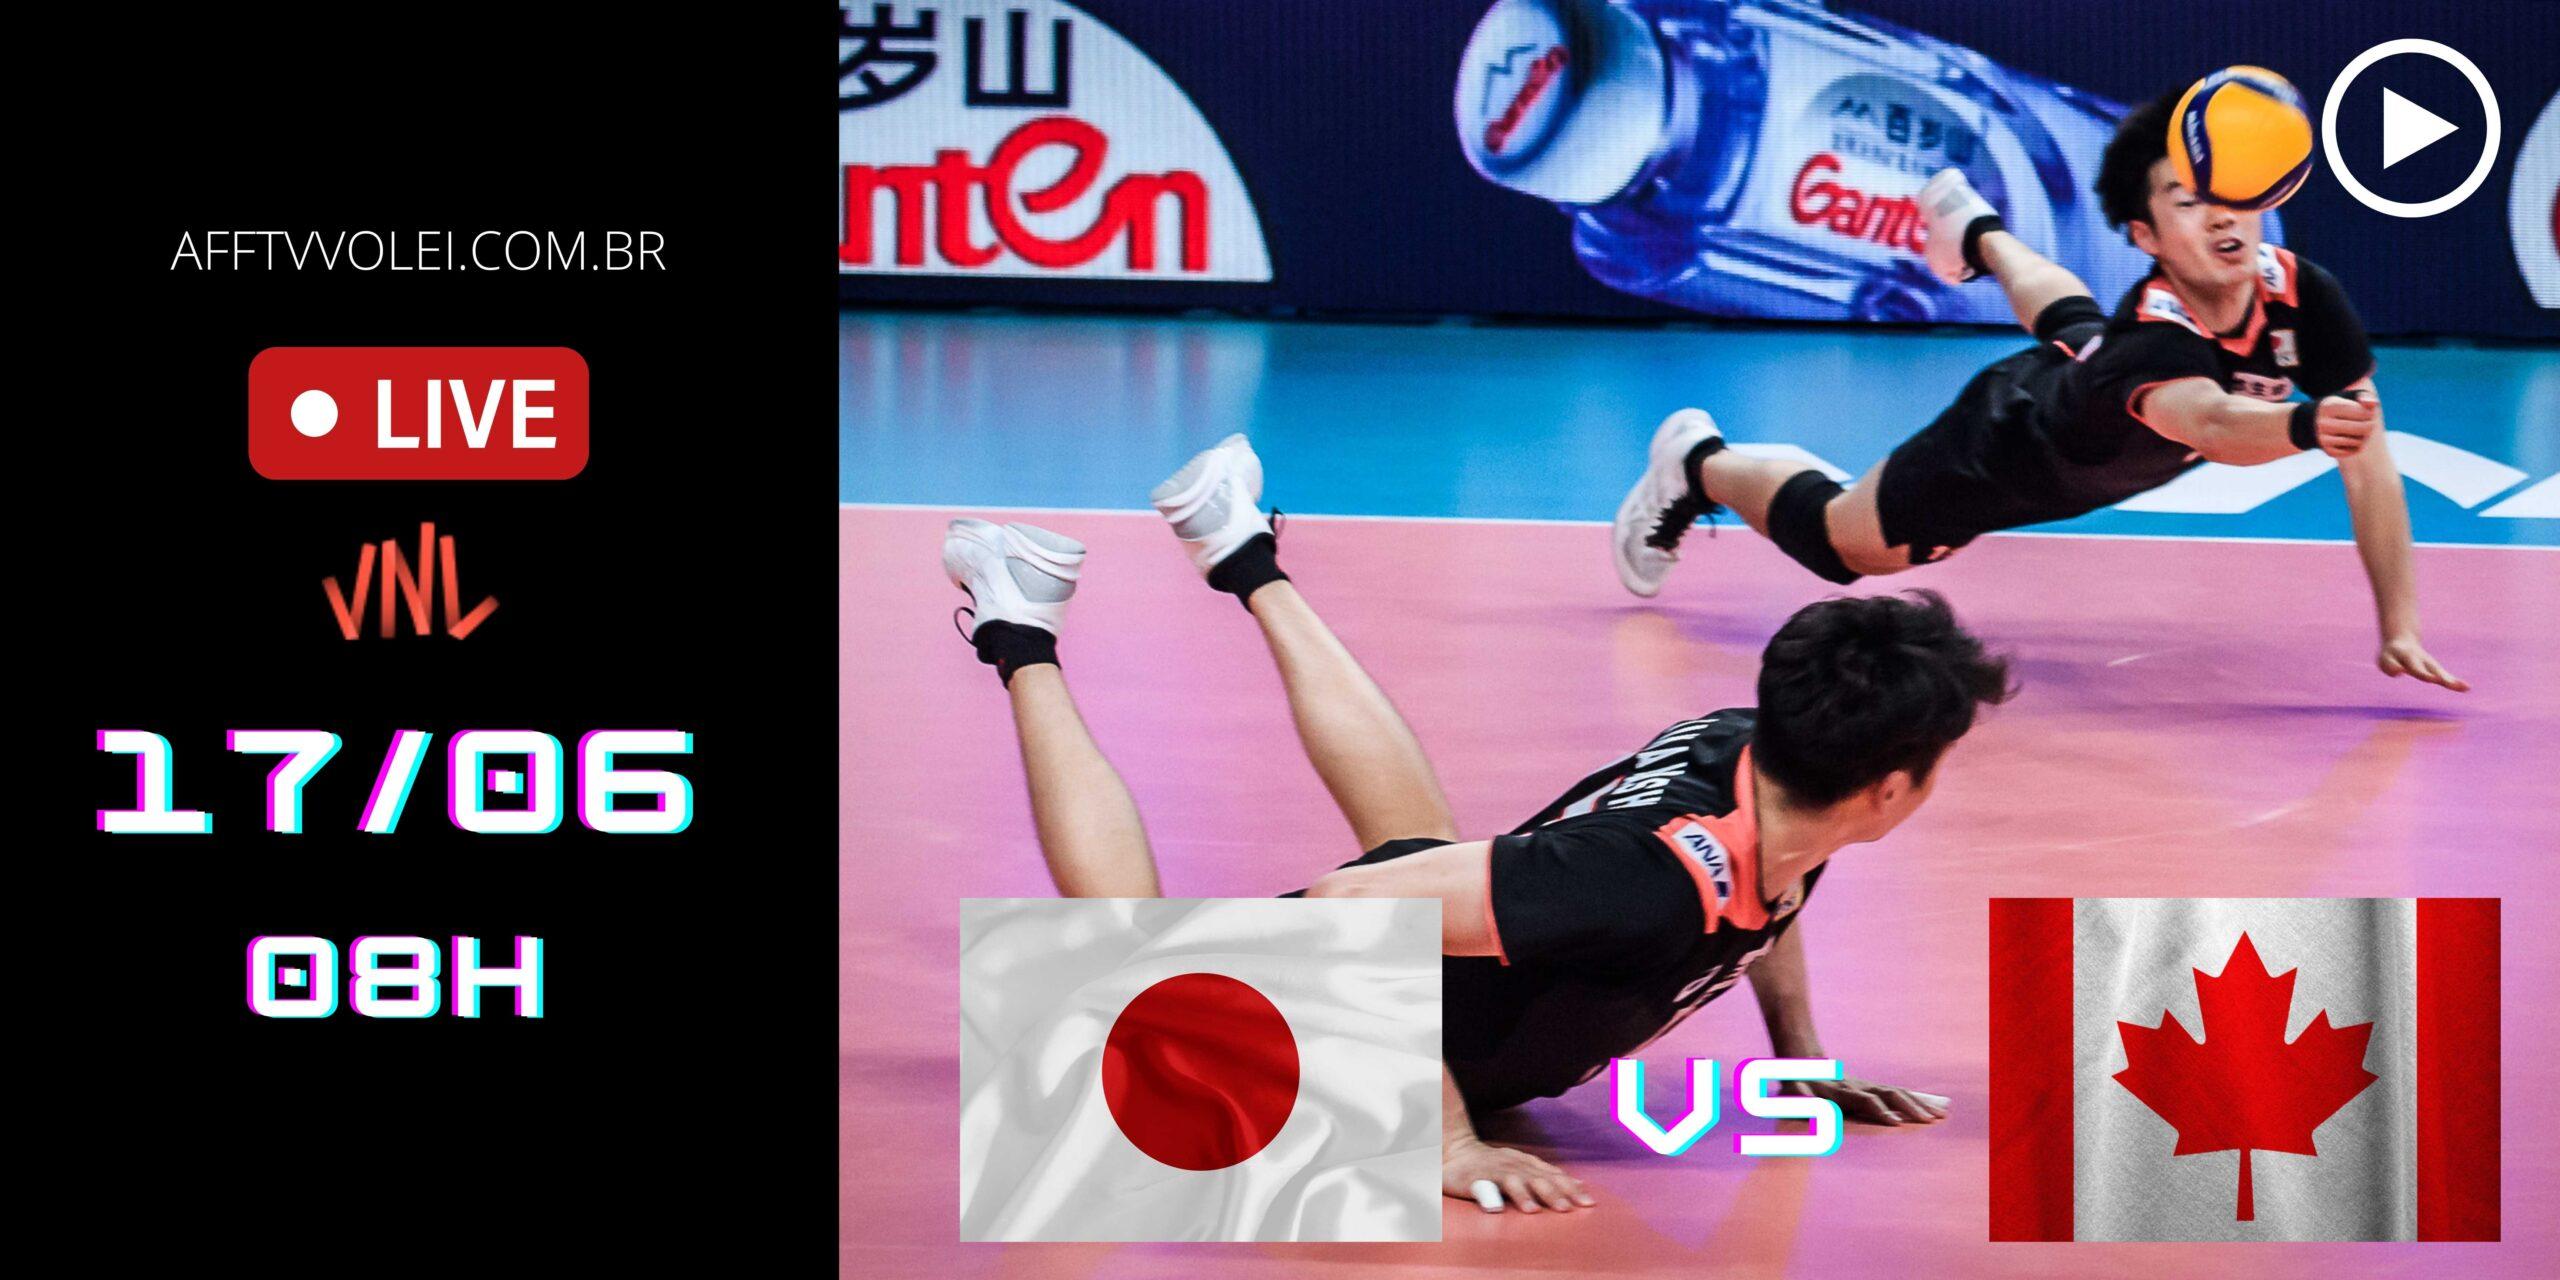 AO VIVO: Japão vs Canadá – Liga das Nações – 17/06 – 08h